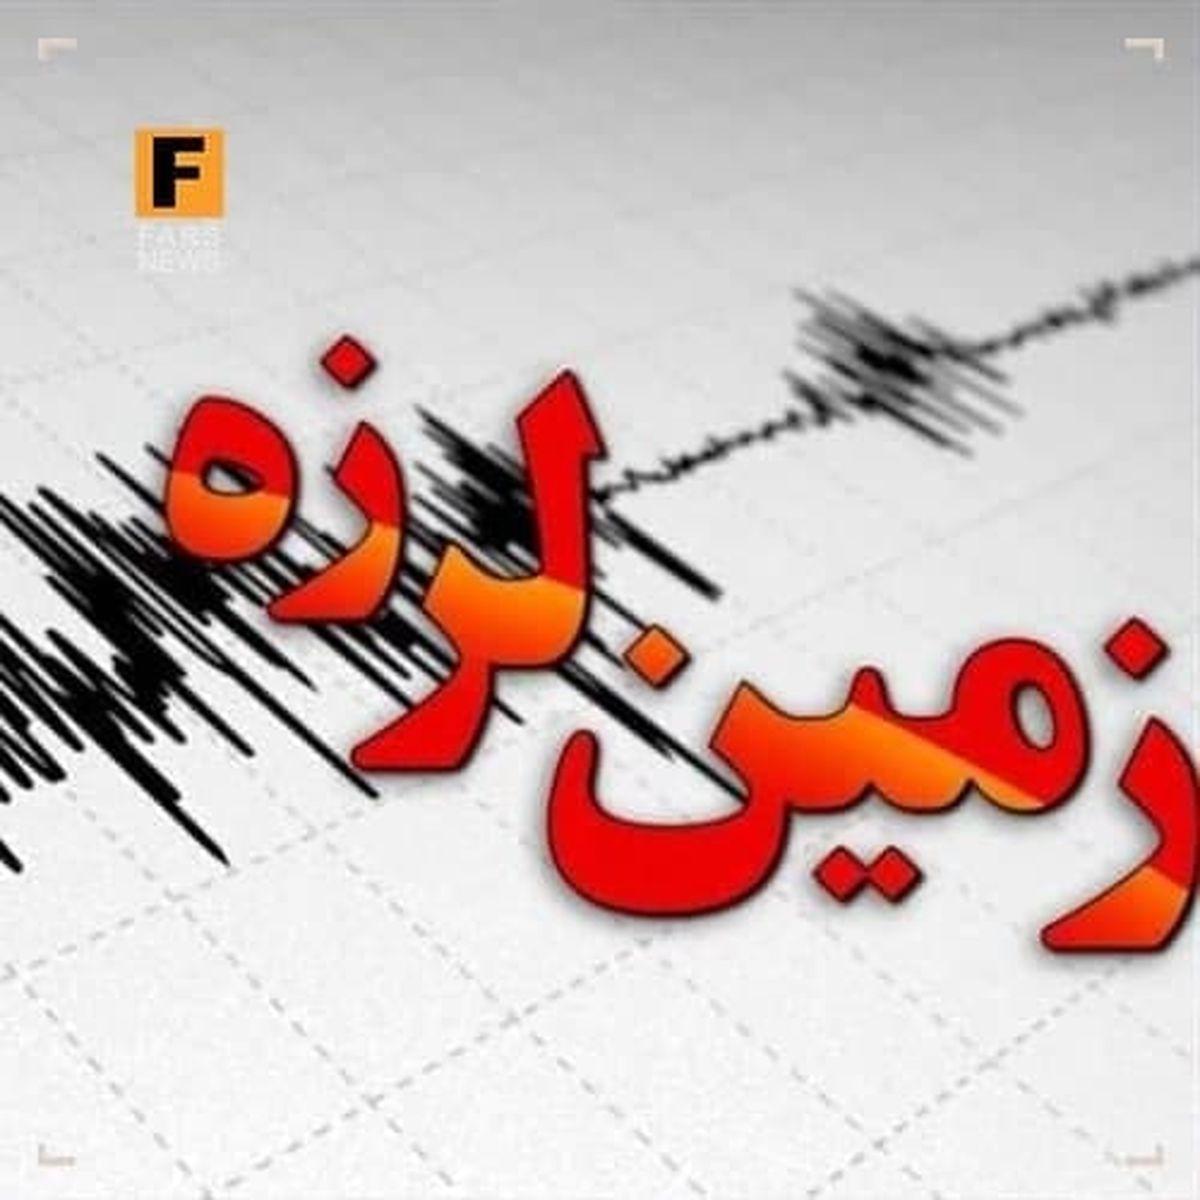 زلزله صبحگاهی در جنوب تهران